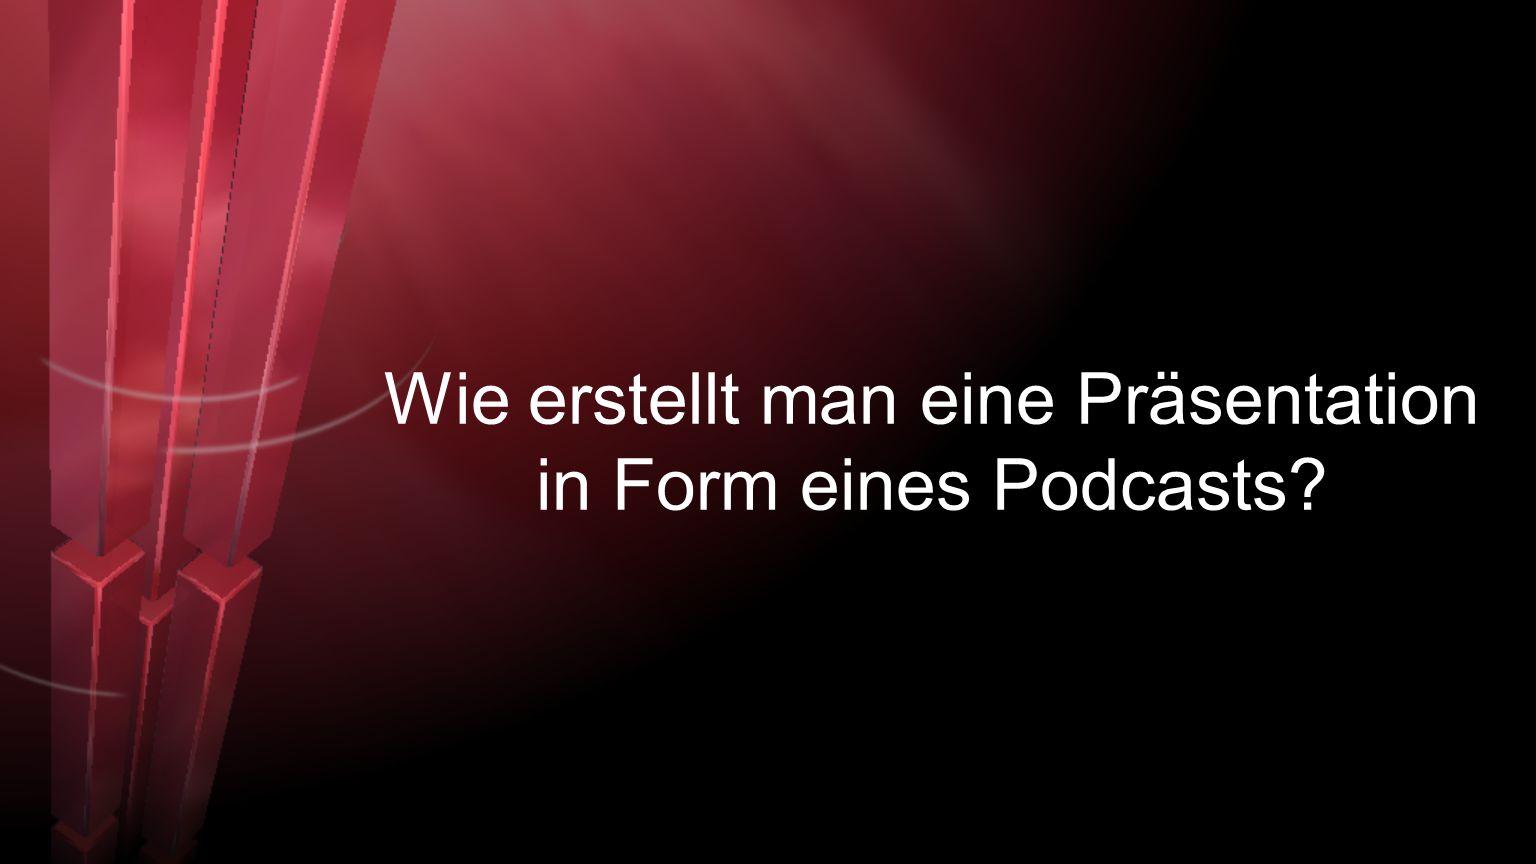 Wie erstellt man eine Präsentation in Form eines Podcasts